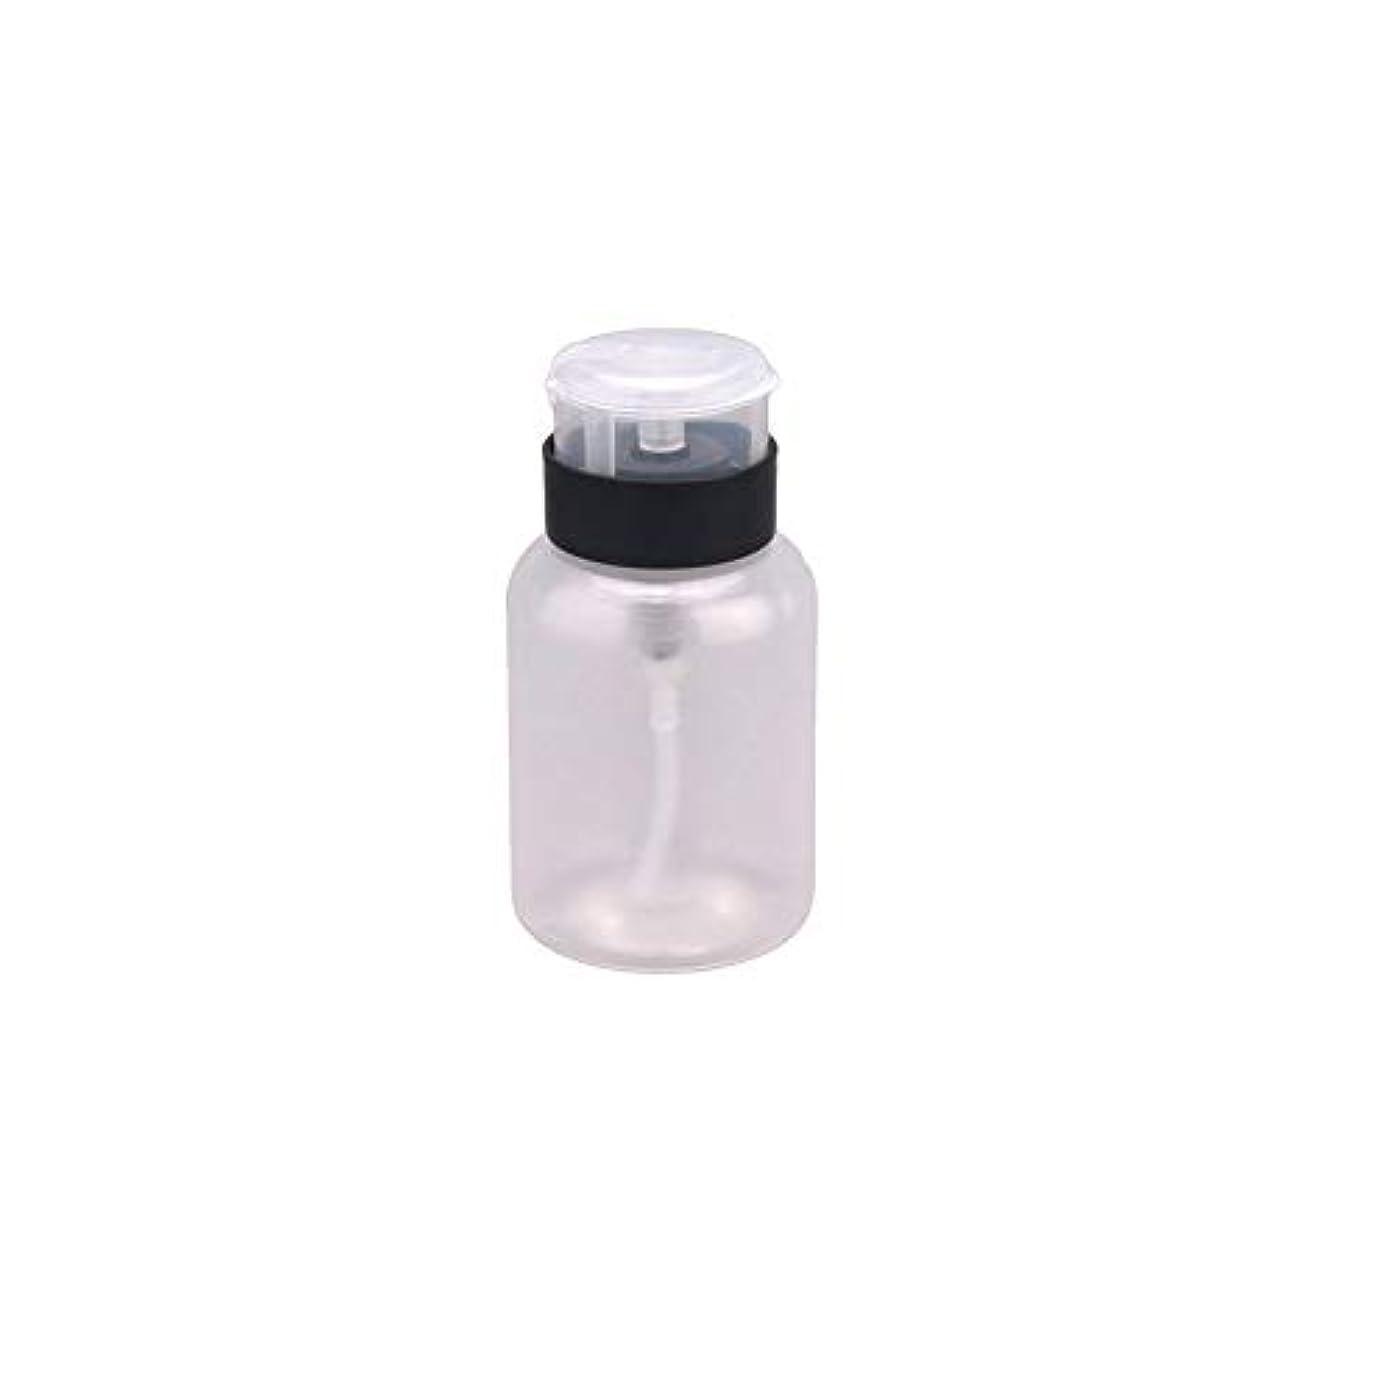 お茶マナー編集者210ML MultifuktionディスペンサーポンプクレンザーBottlePushネイルポリッシュリムーバーアルコールボトルダウン液体エミッタのボトルは、ボトルのネイルポリッシュリムーバー液体ボトル容器のforoils...